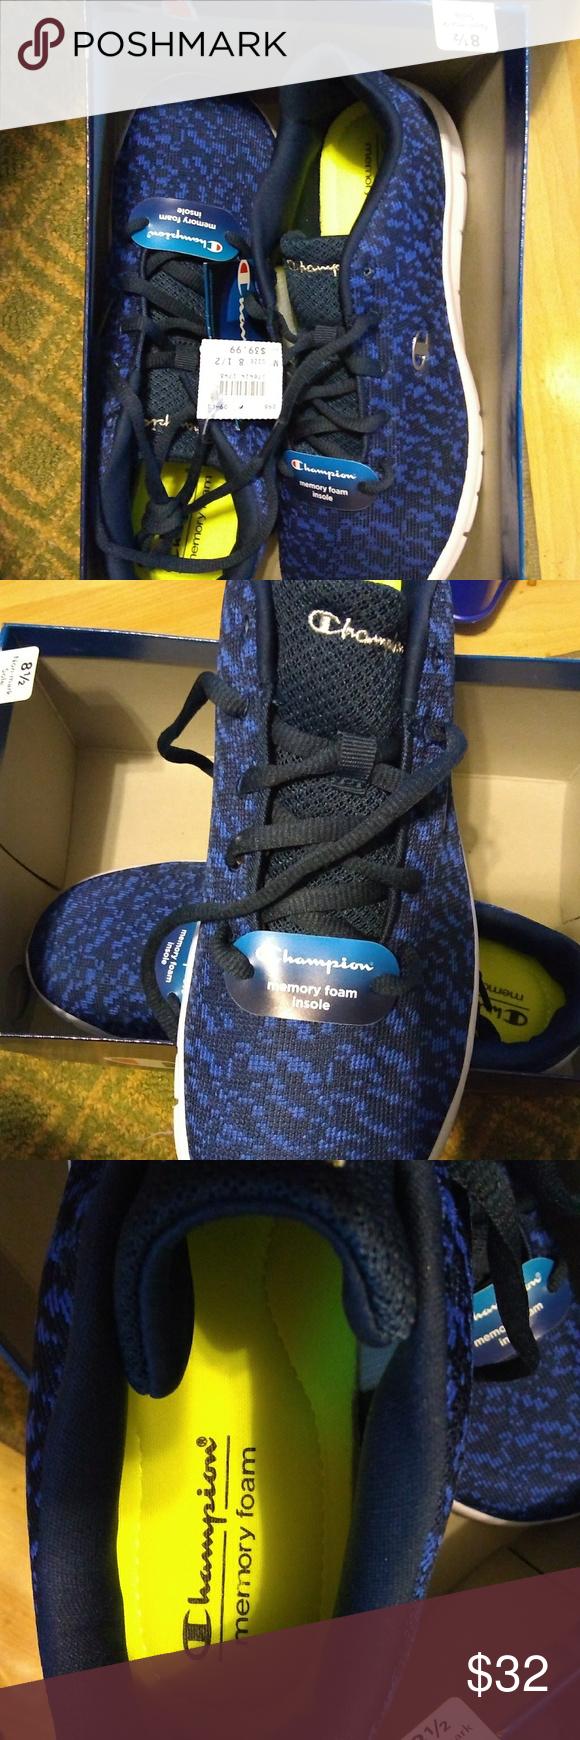 4e568d8ab3319 Brand new Champion men s shoes Men s size 8.5 can fit women s 9.5 Blue Champion  shoes